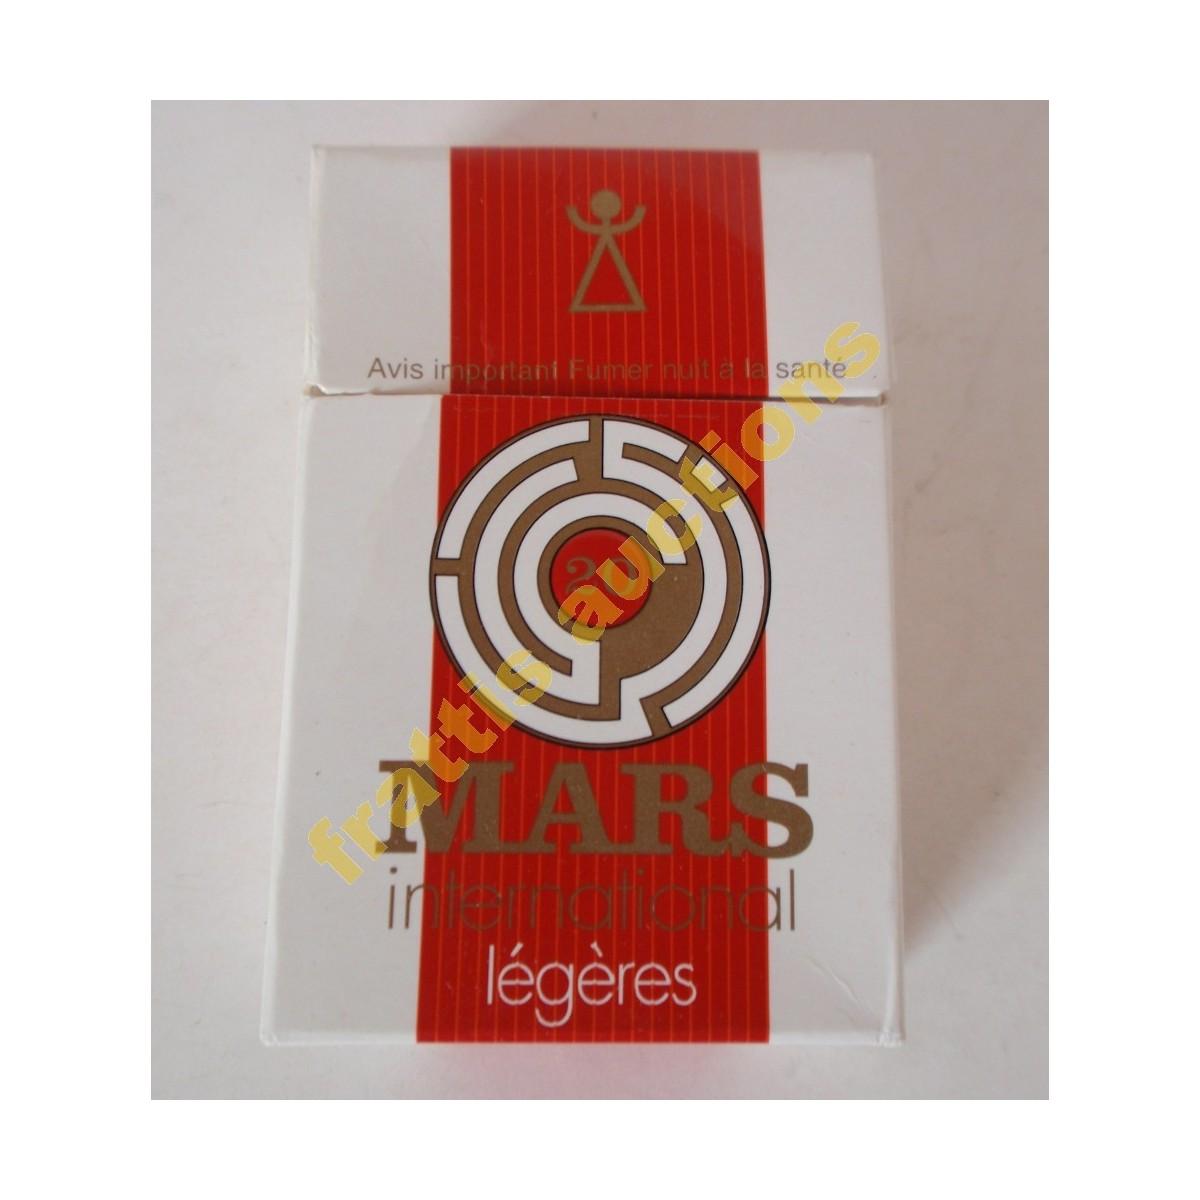 Χάρτινο πακέτο των 20 τσιγάρων MARS international legeres. Τυνησία.